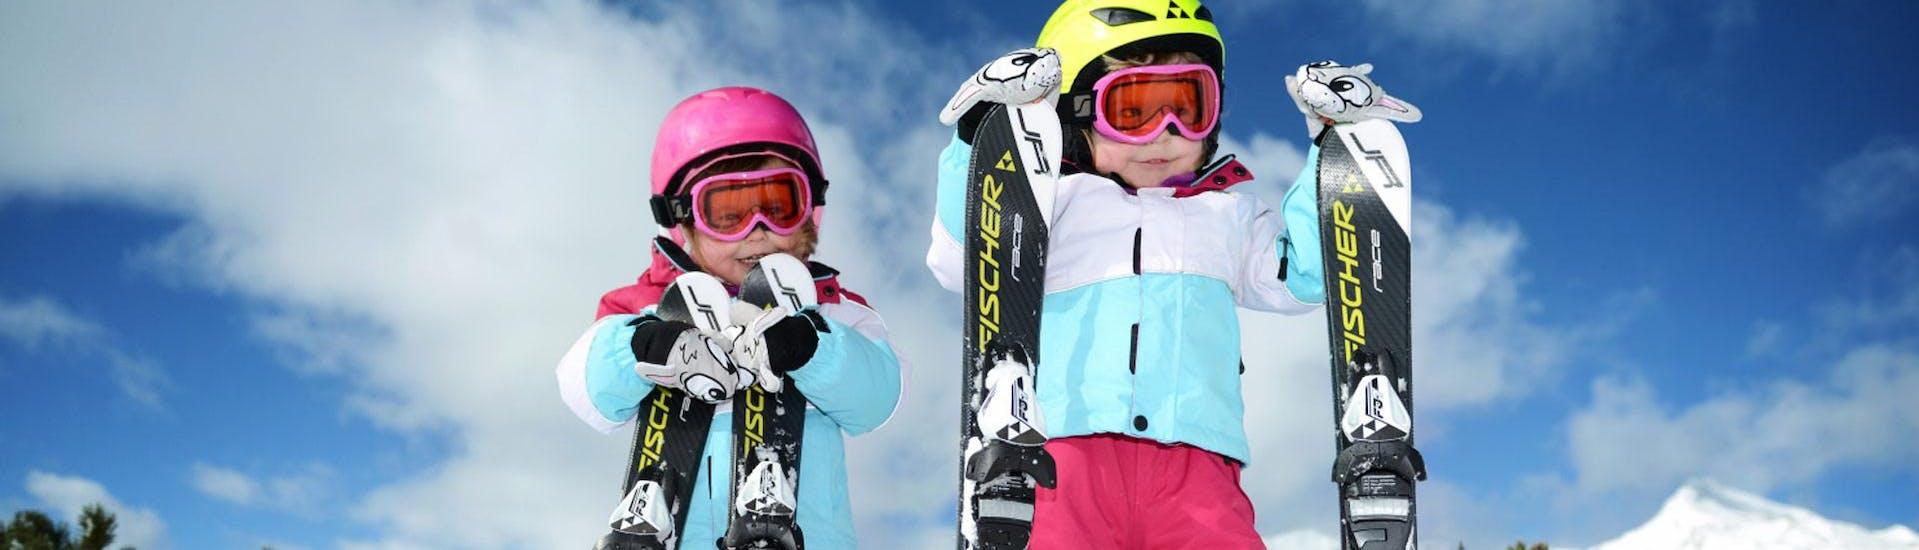 Kinder-Skikurs (3-5 J.) für Anfänger